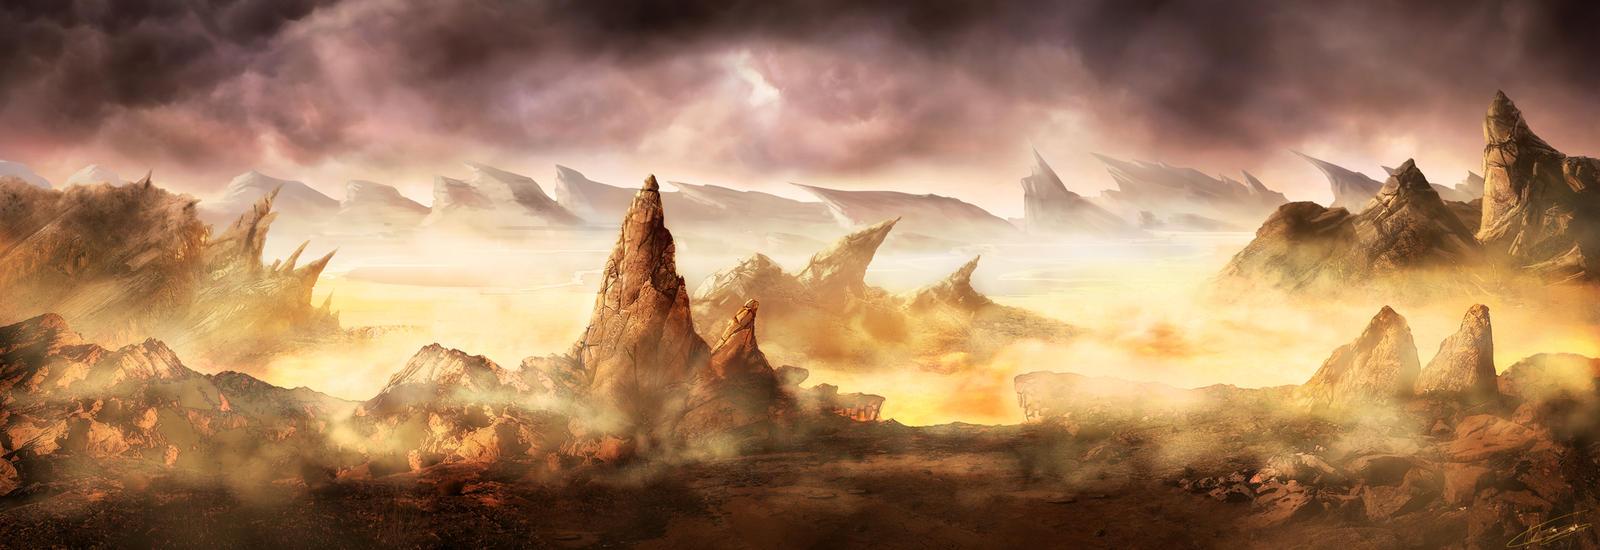 Hell's Landscape by NatMonney